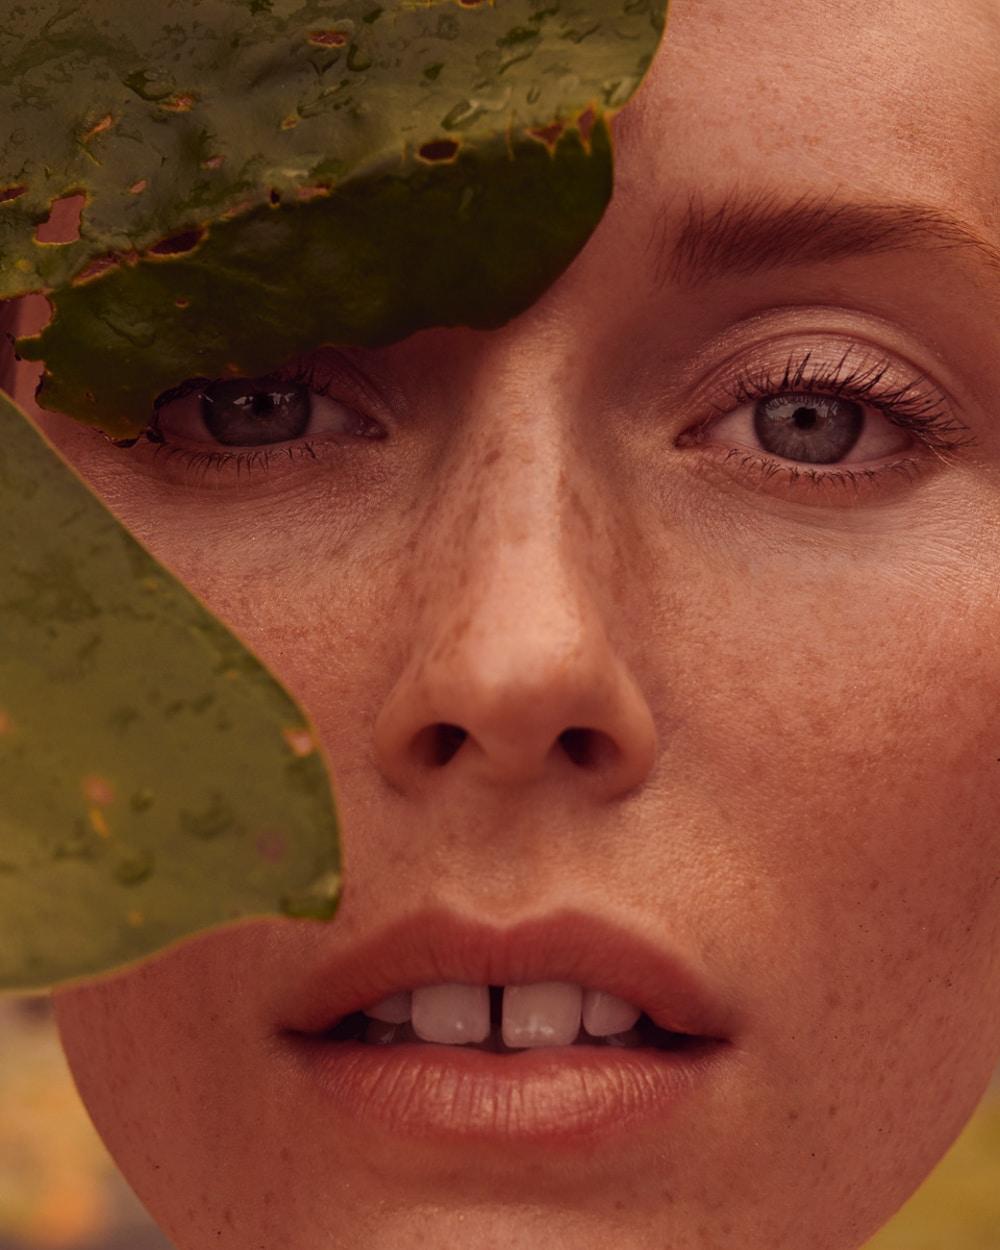 Caroline-Lossberg-Vogue-Portugal-Andreas-Ortner-7.jpg